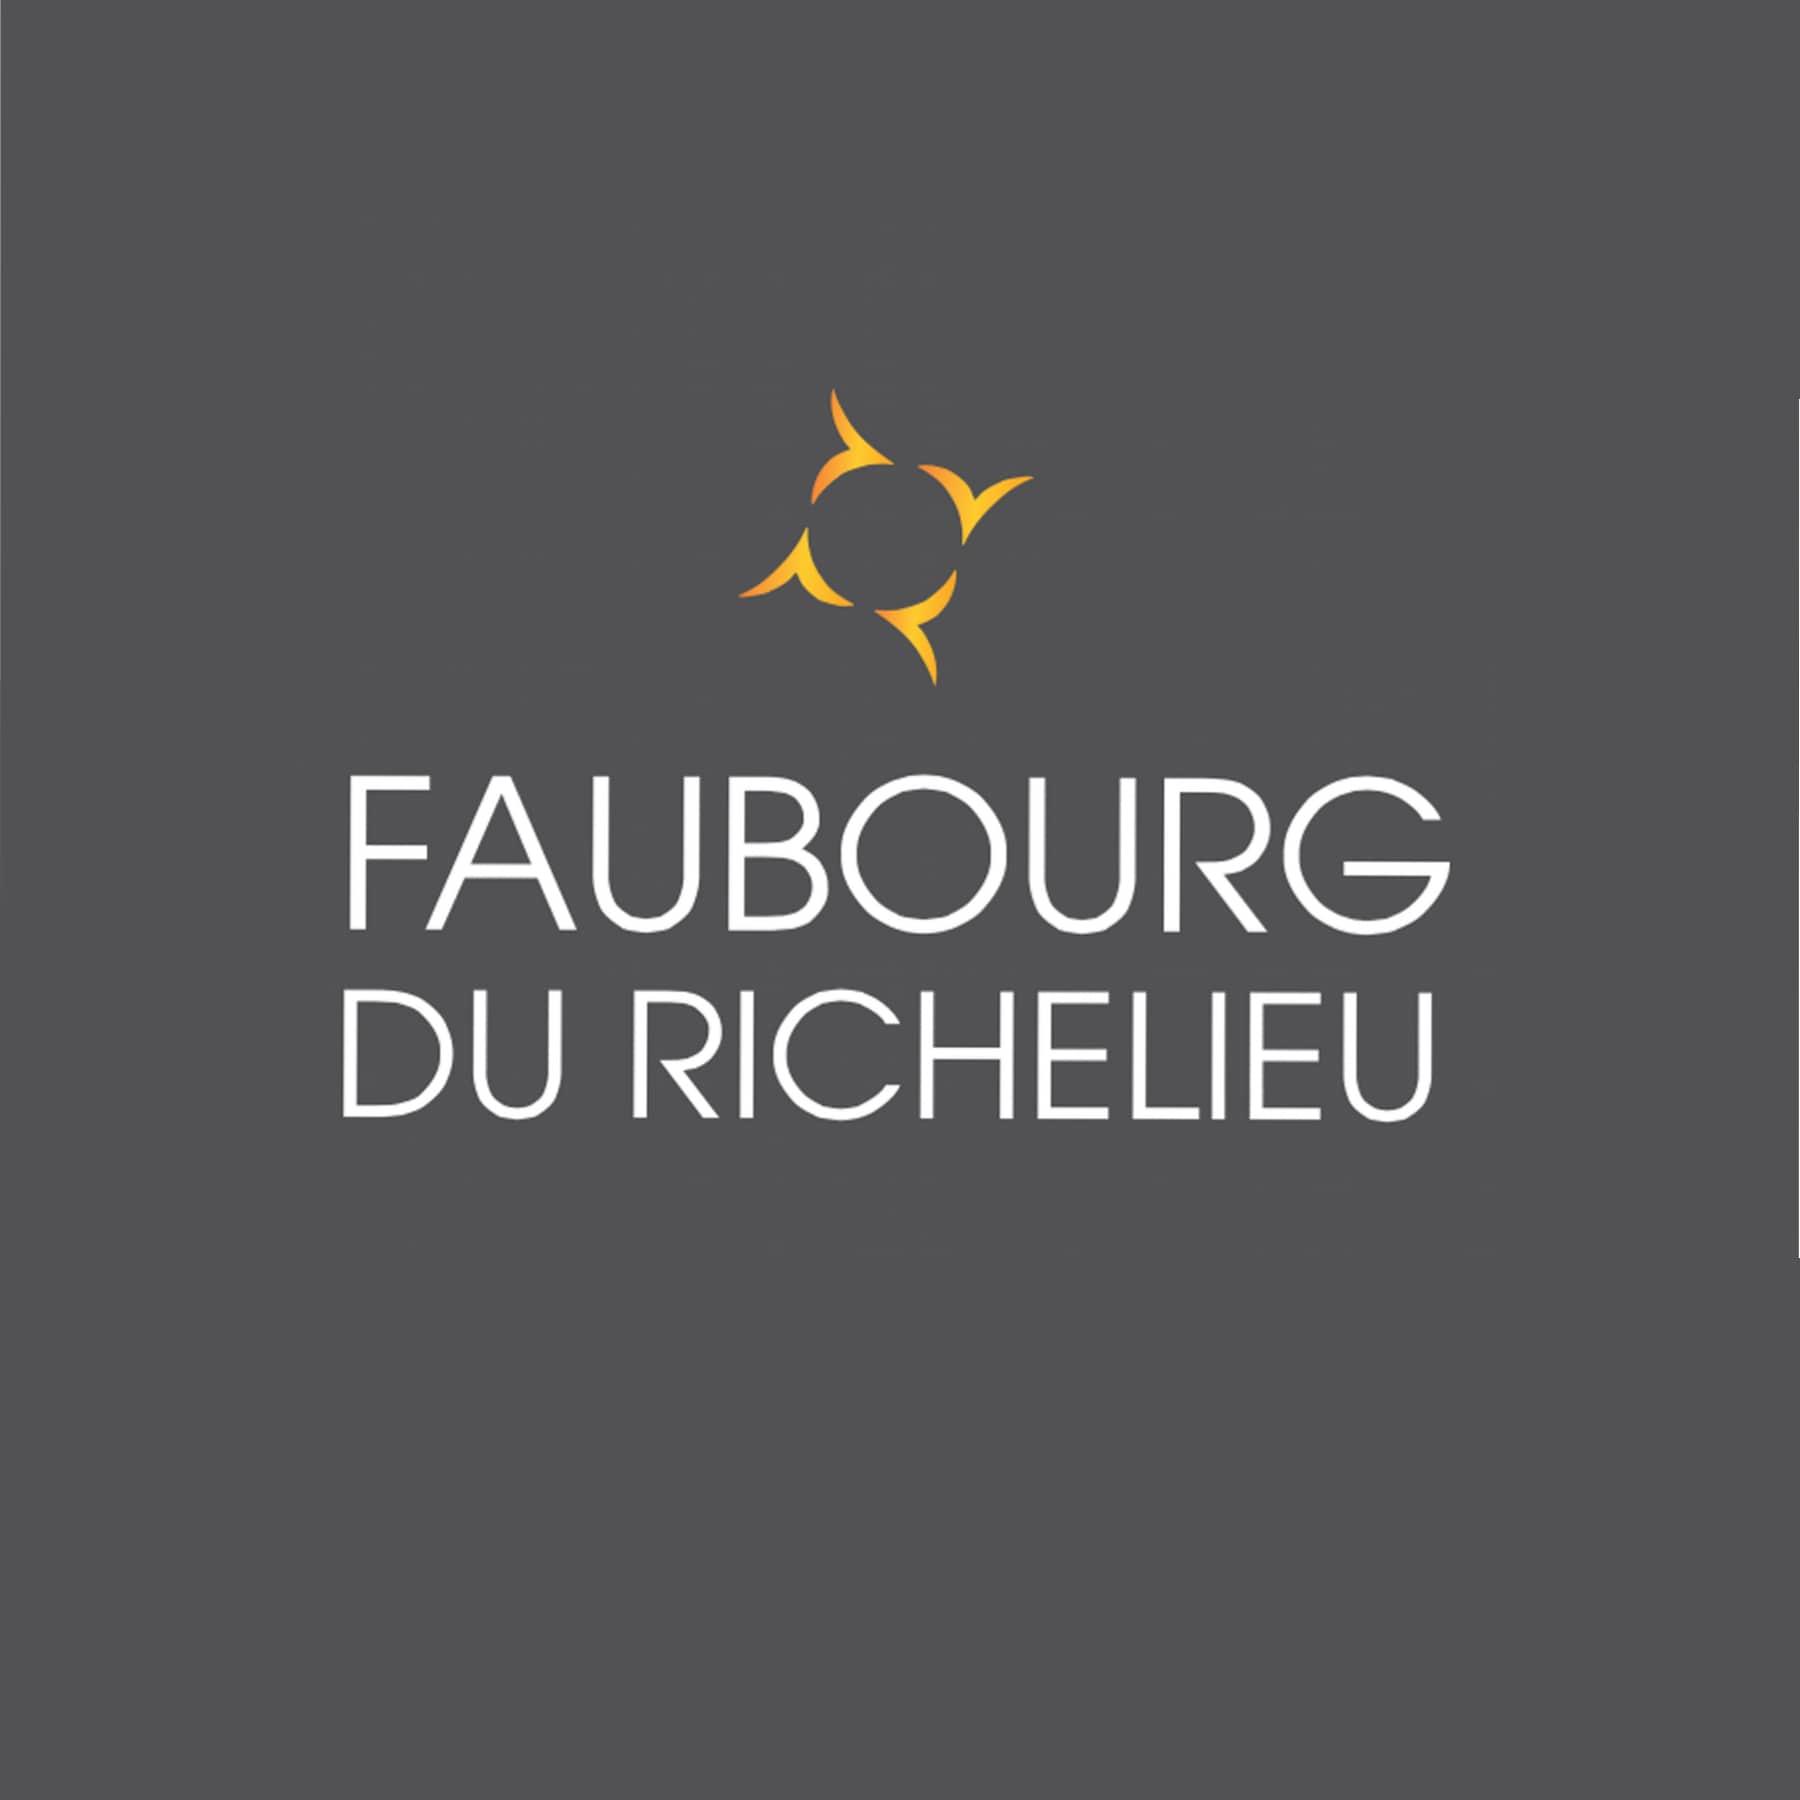 Le faubourg du richelieu de beloeil projet commercial for Garage du faubourg le quesnoy